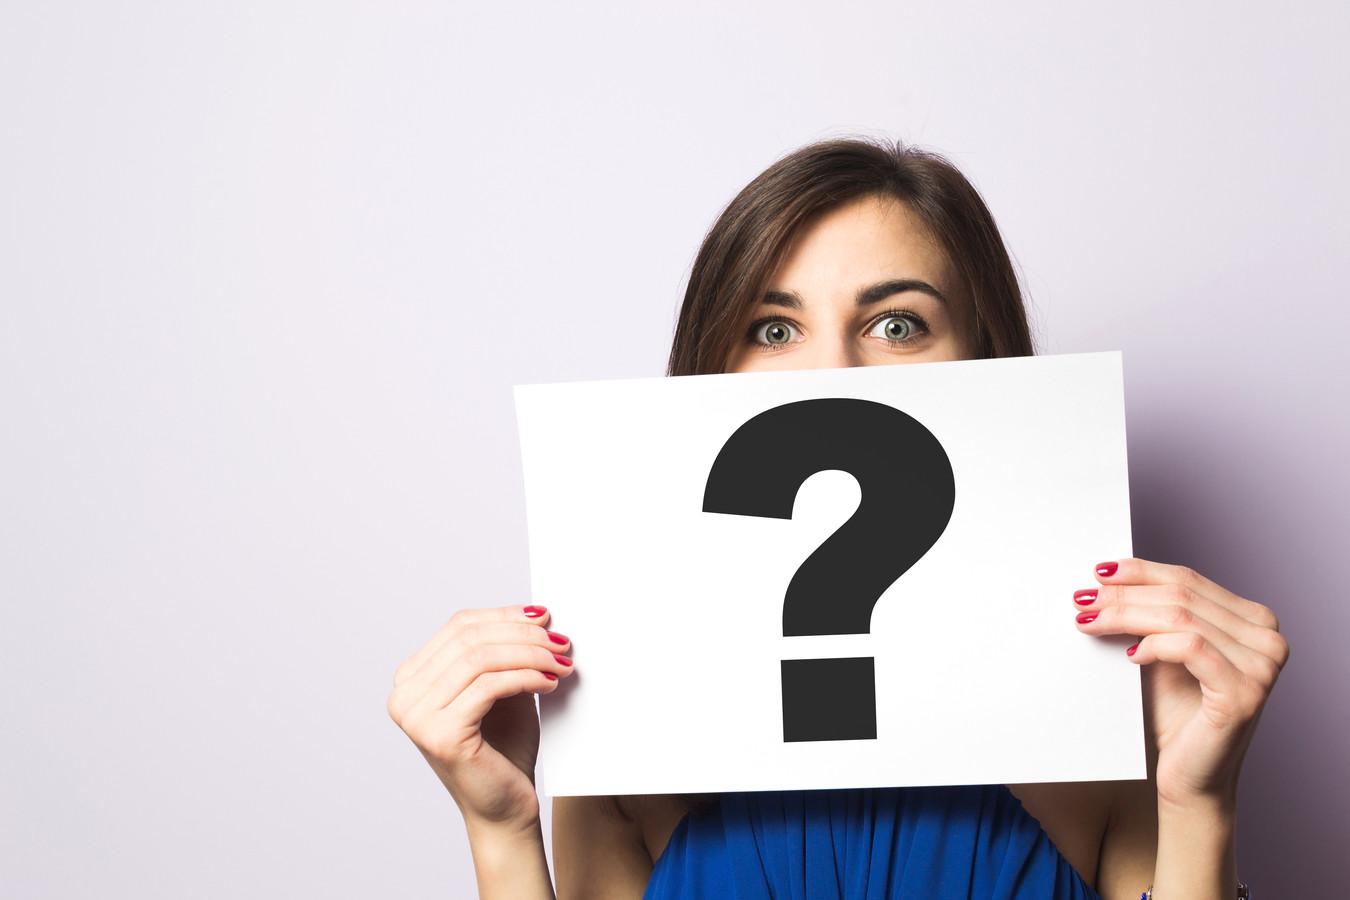 Met 'Mensenpraat' willen we lezers (digitaal) samenbrengen om ervaringen en meningen te delen. Ga jij het gesprek aan?